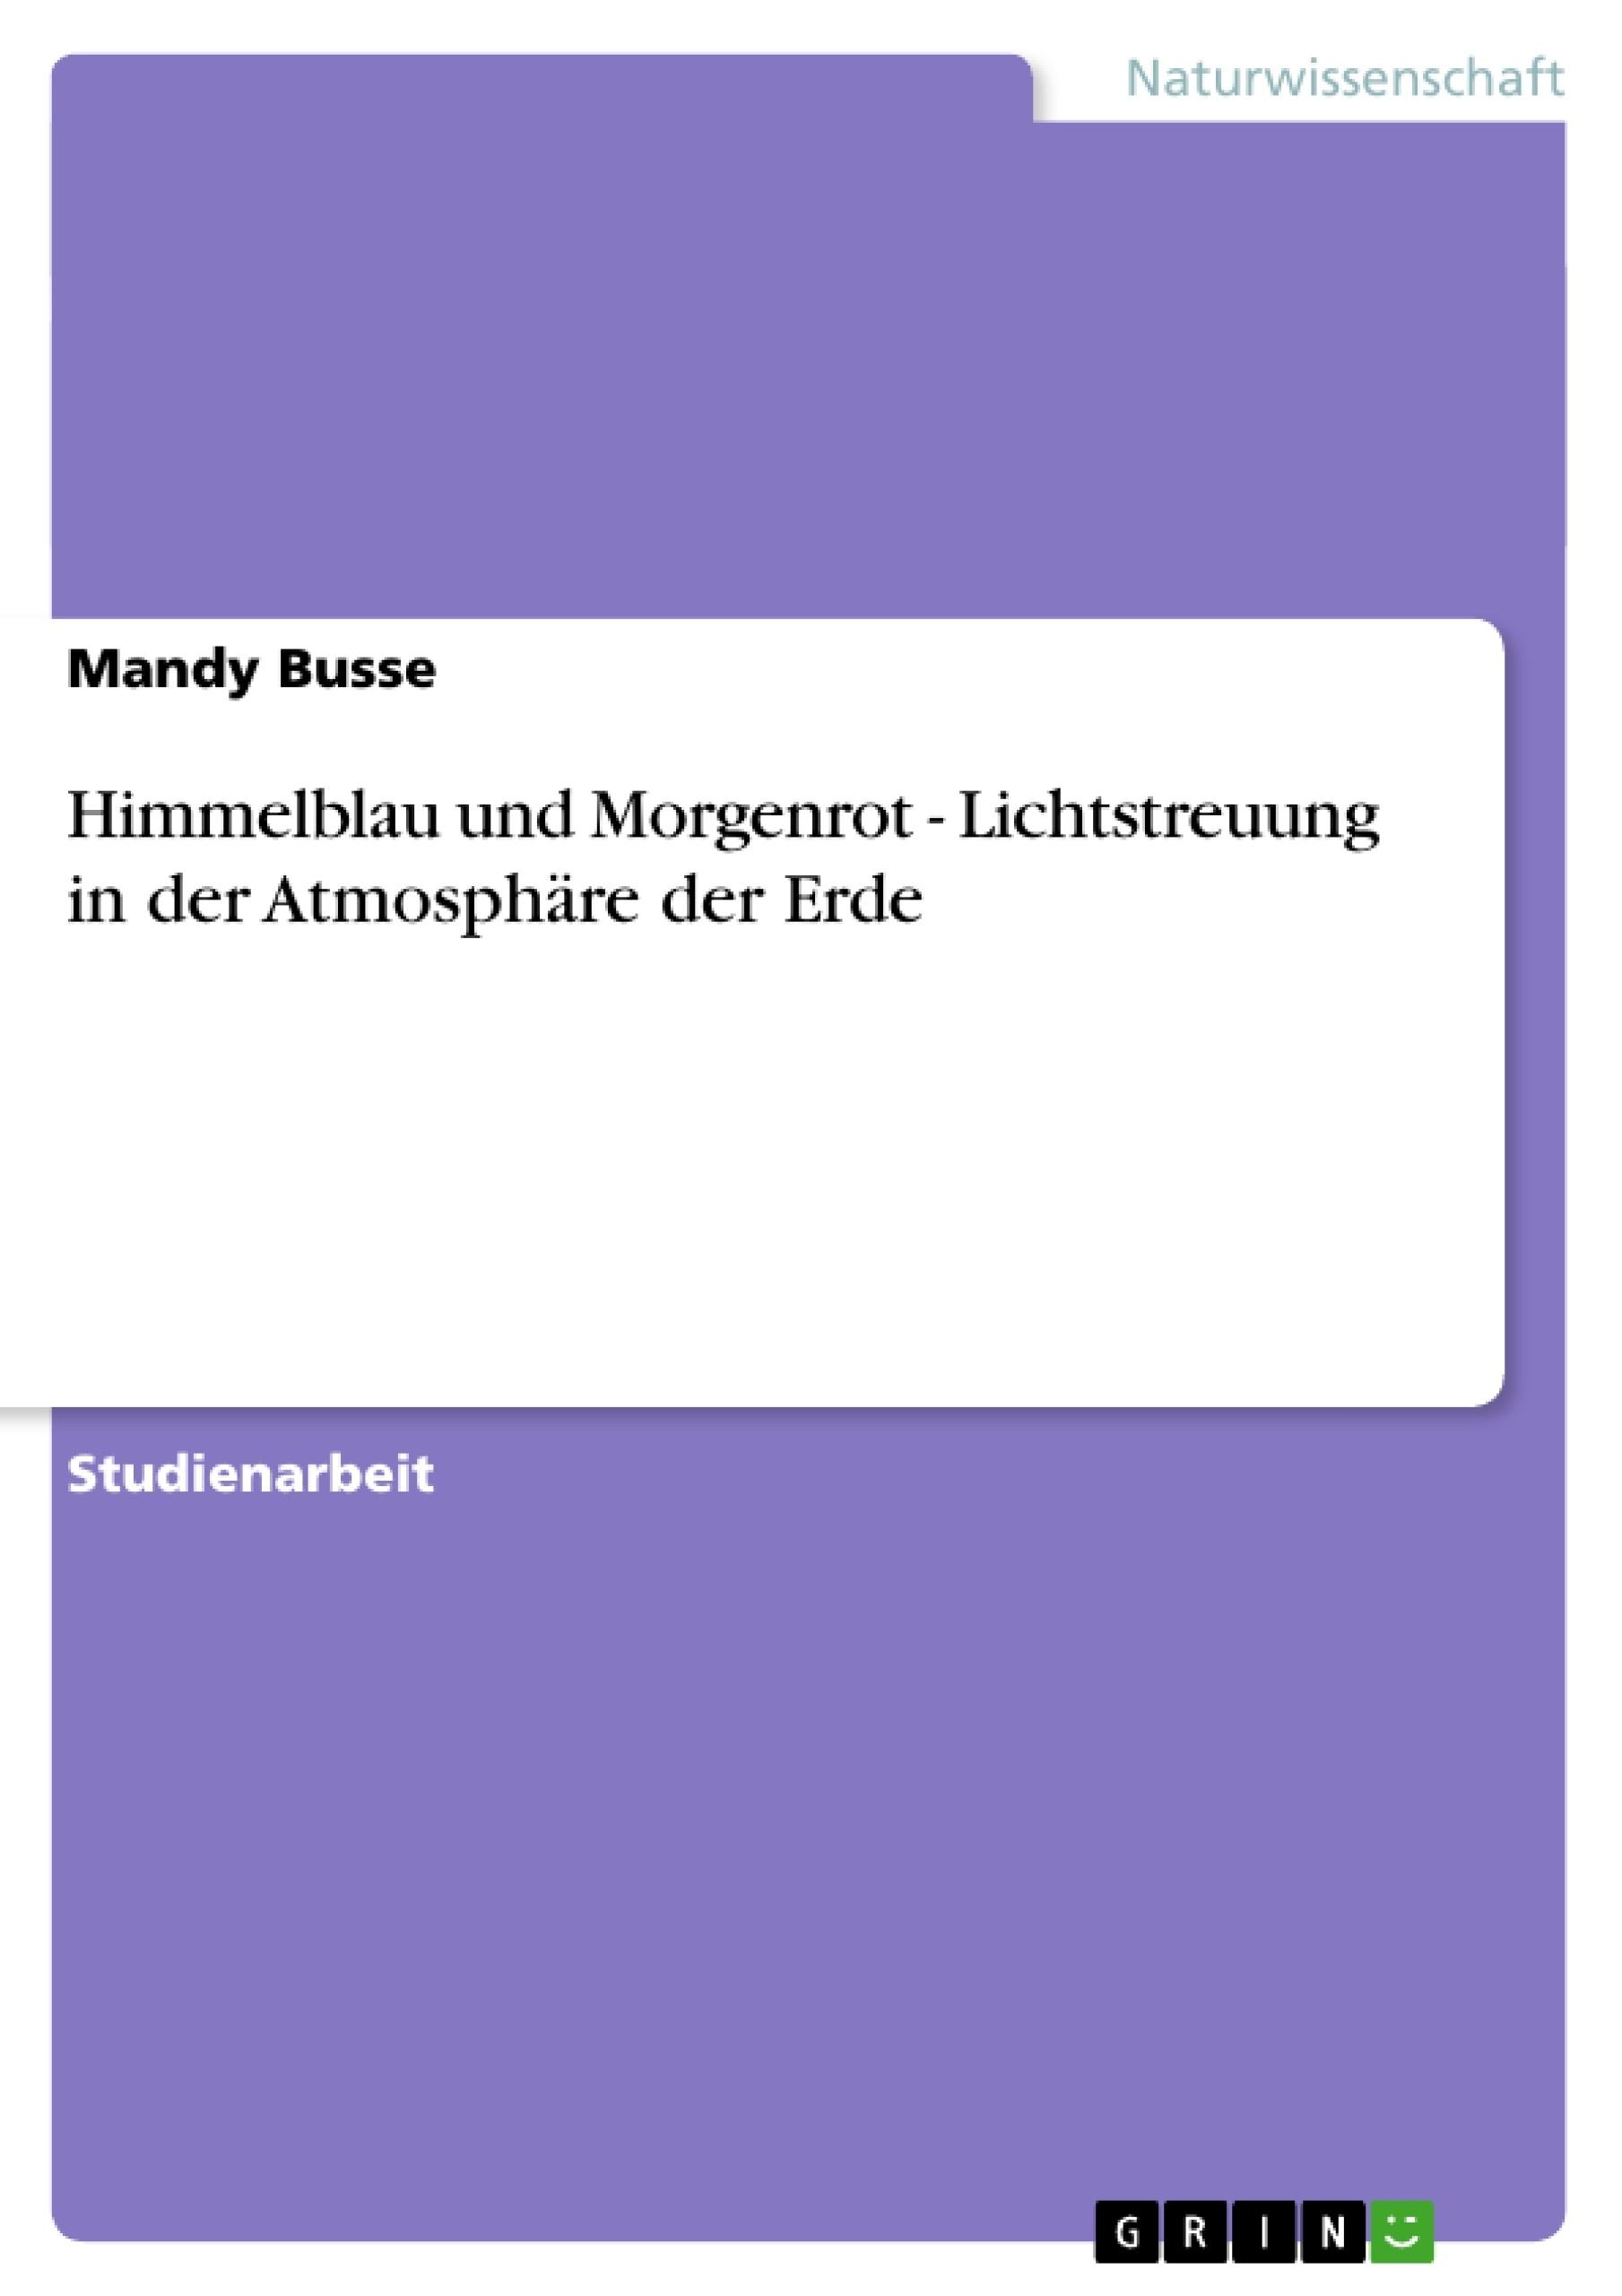 Titel: Himmelblau und Morgenrot - Lichtstreuung in der Atmosphäre der Erde